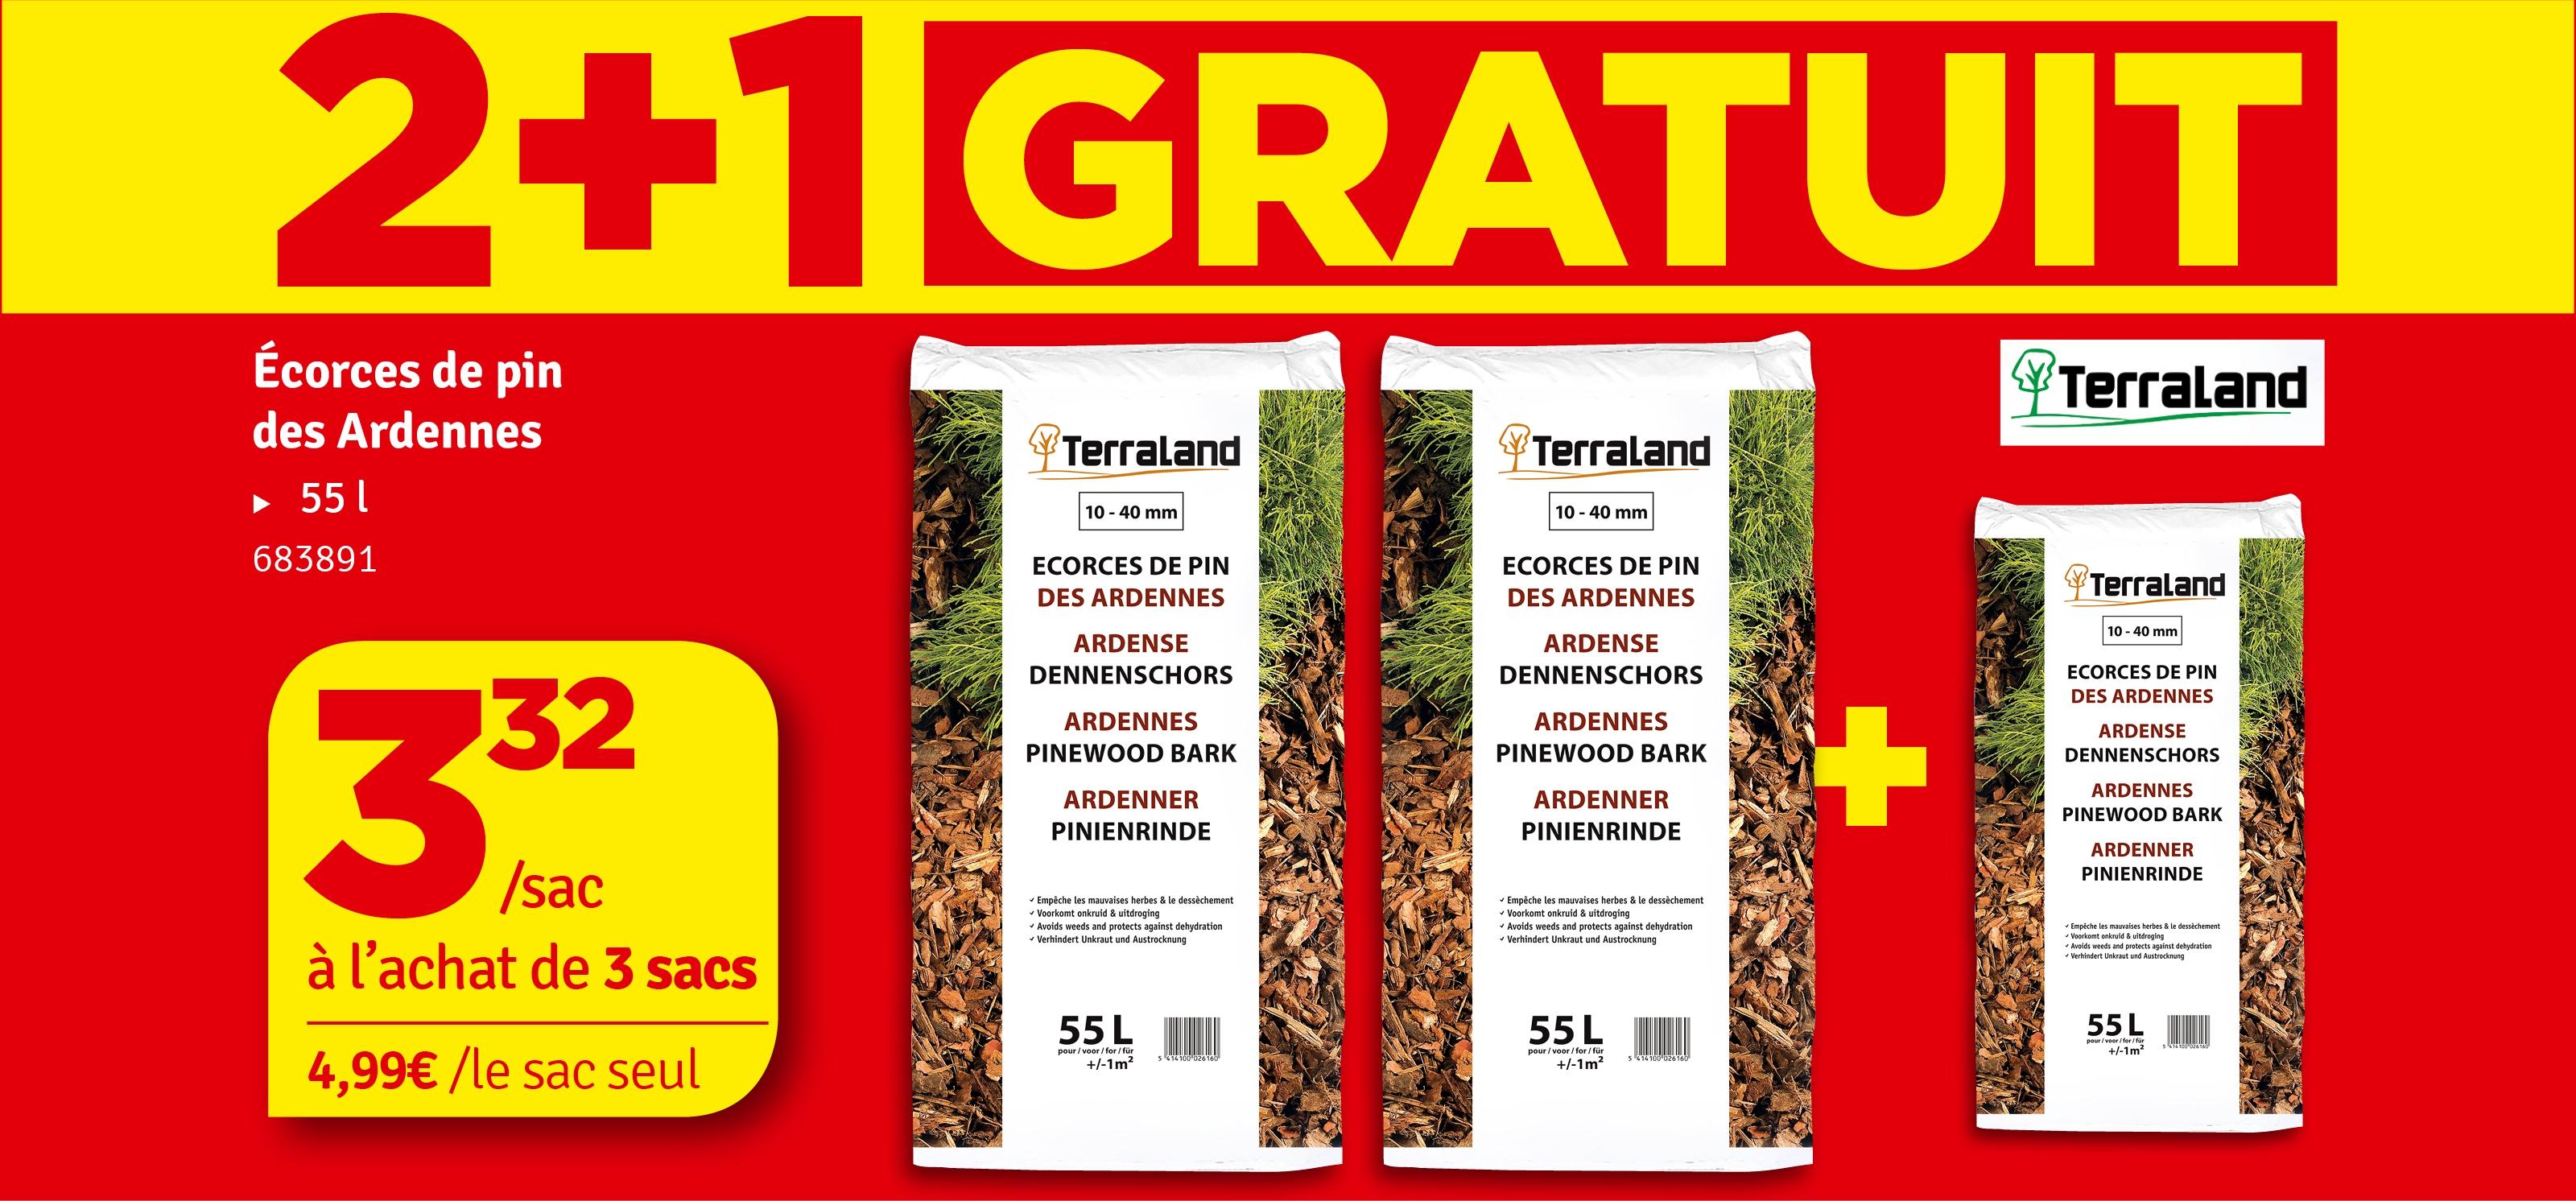 Promo - Ecorces décoratives de pins des Ardennes 55 L TERRALAND